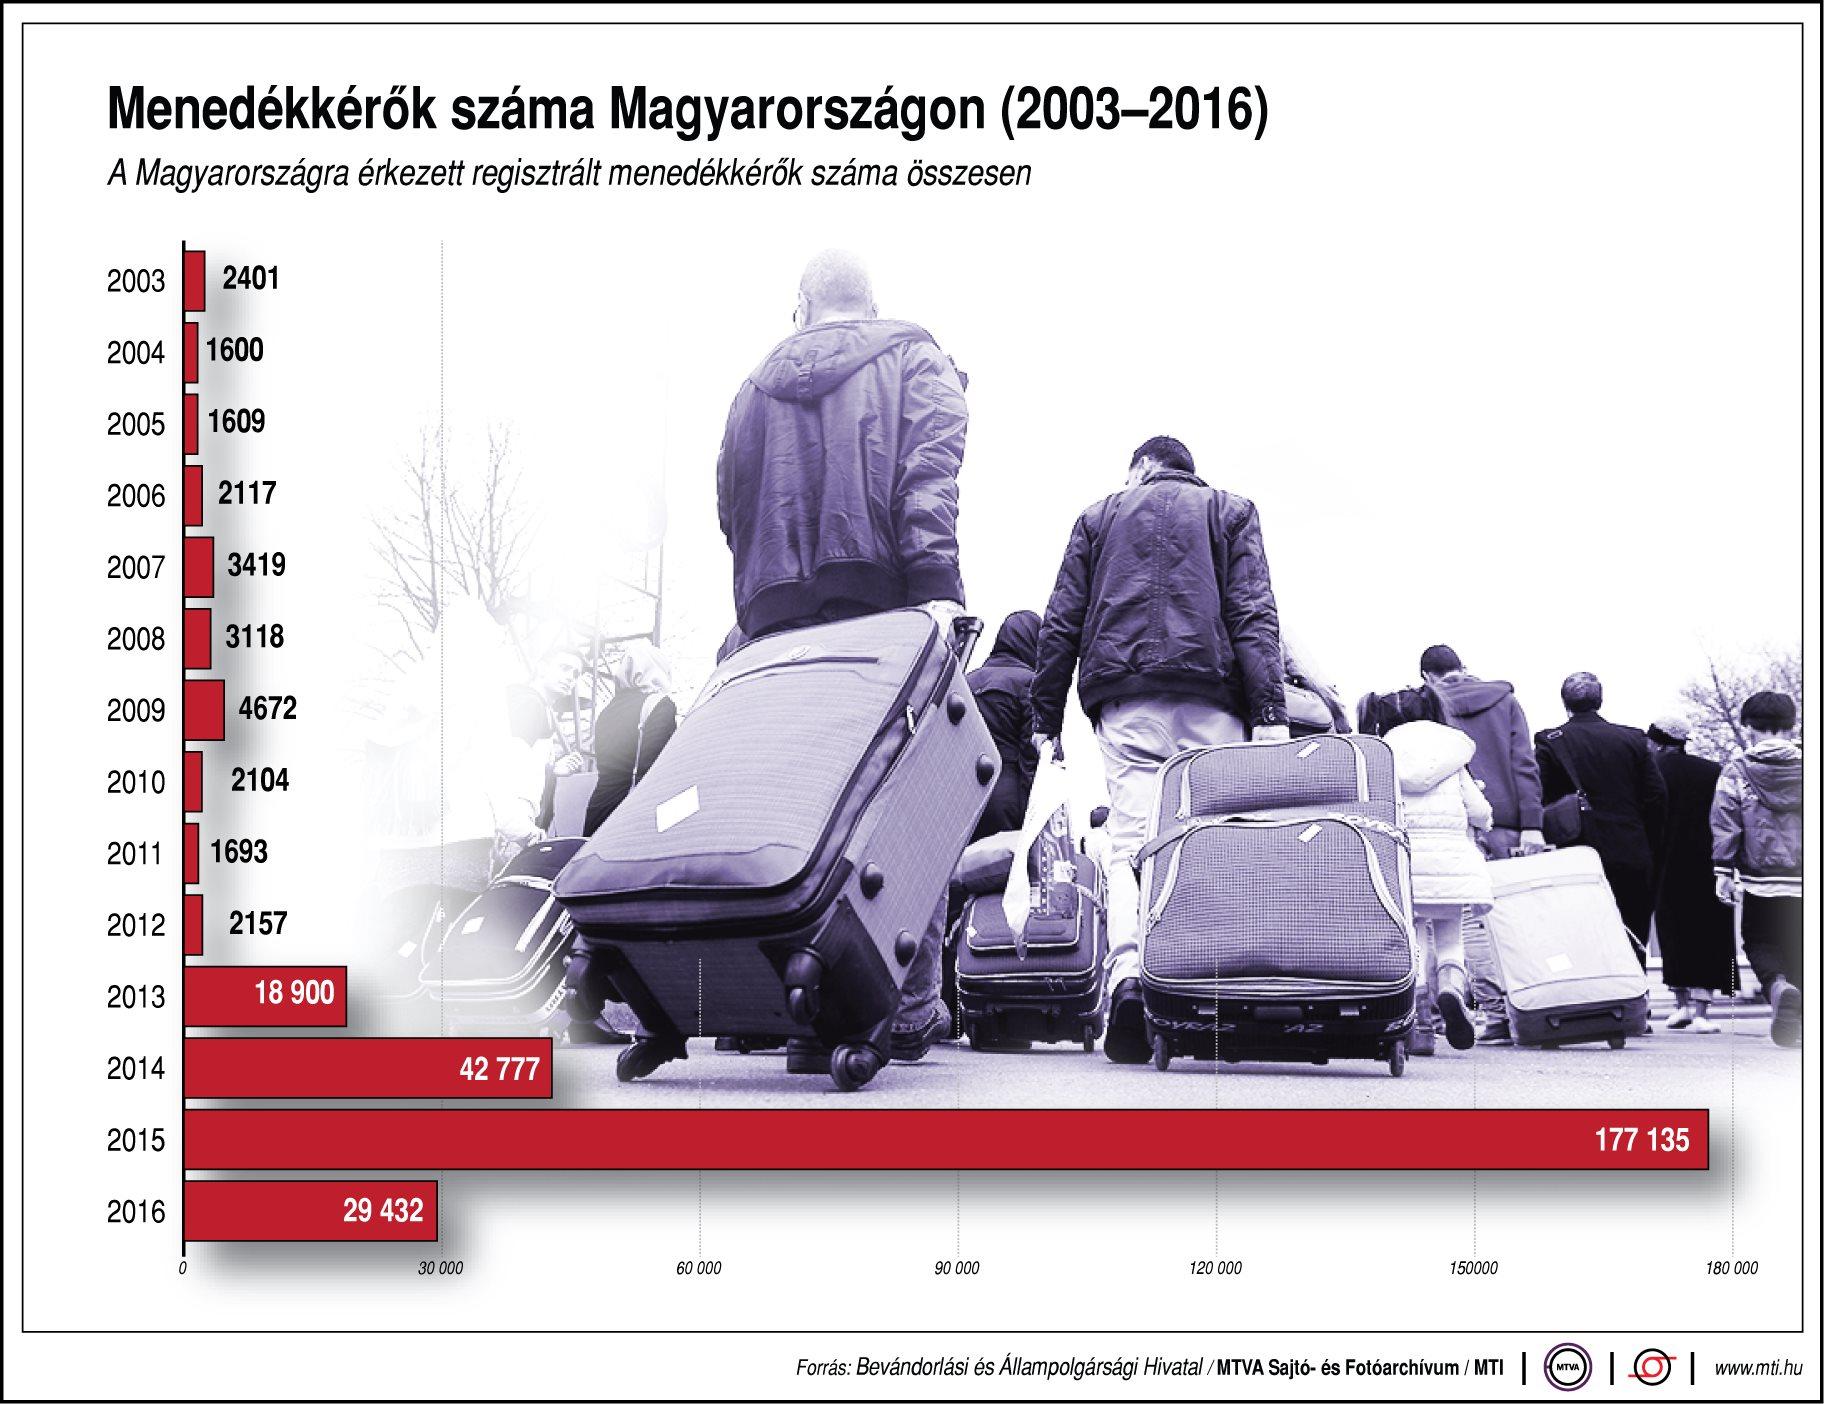 Menedékkérők száma Magyarországon - ábra